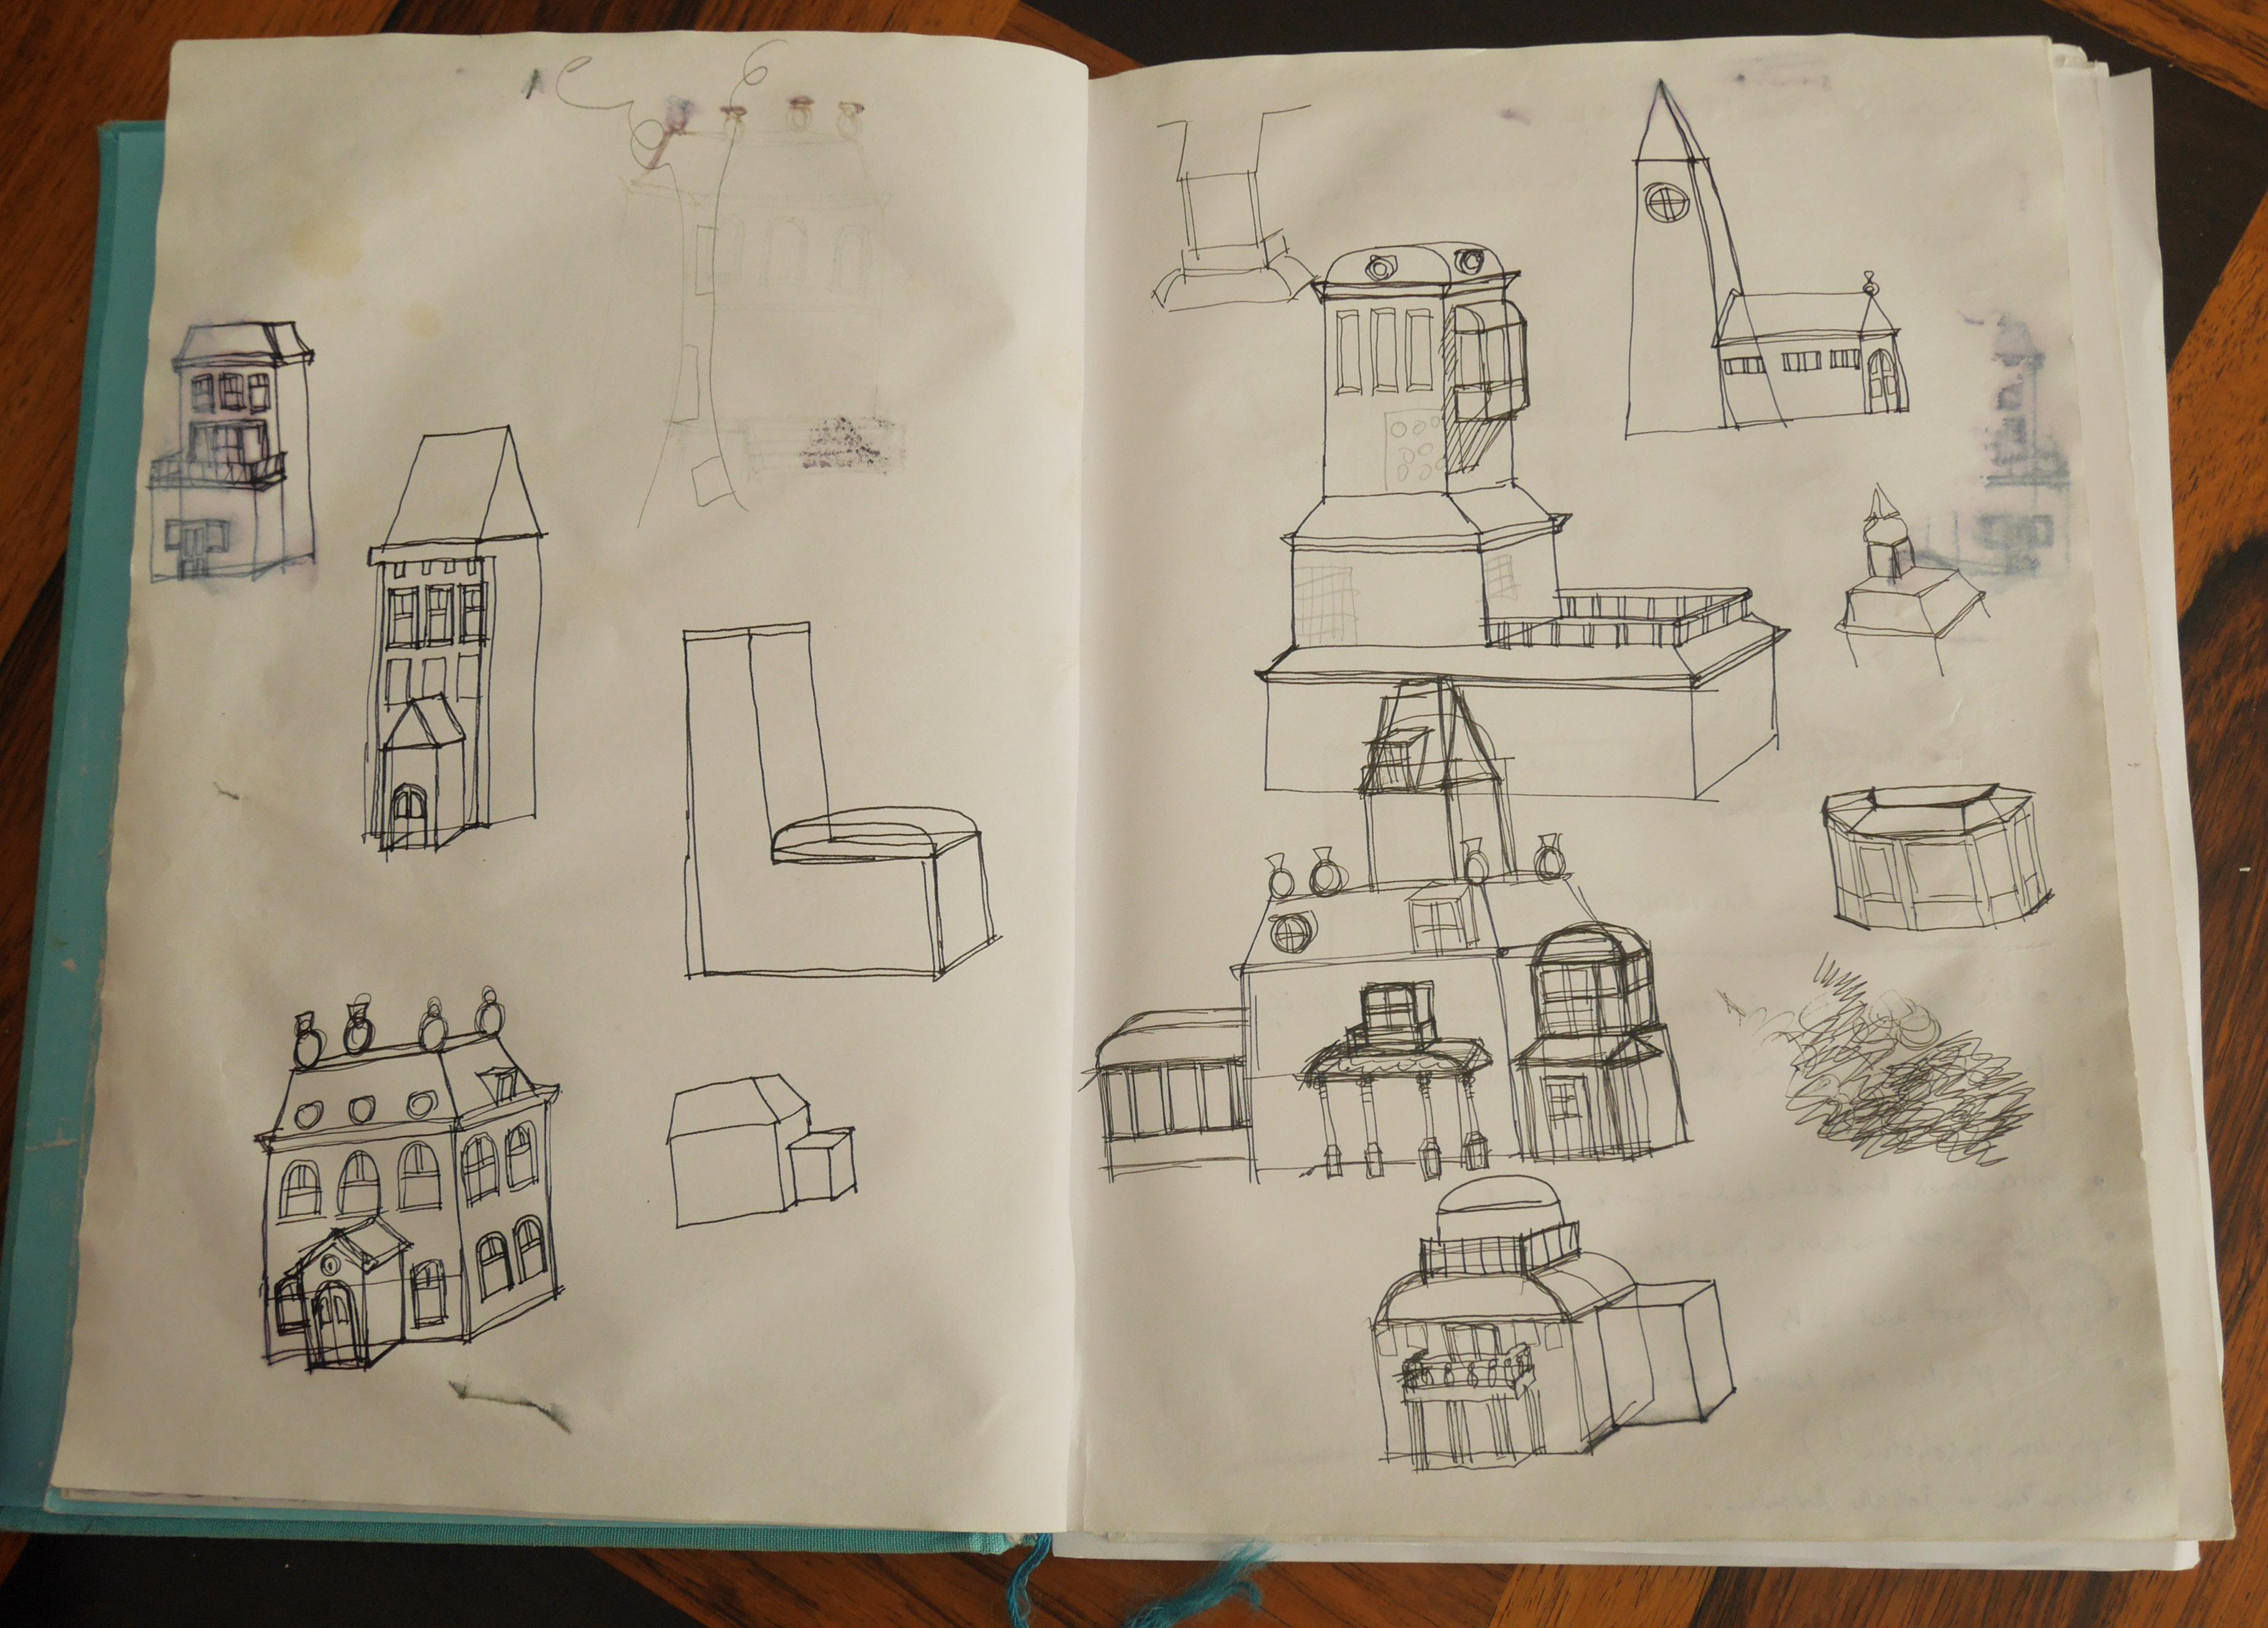 schets van het huis van Dikkebillenmonster